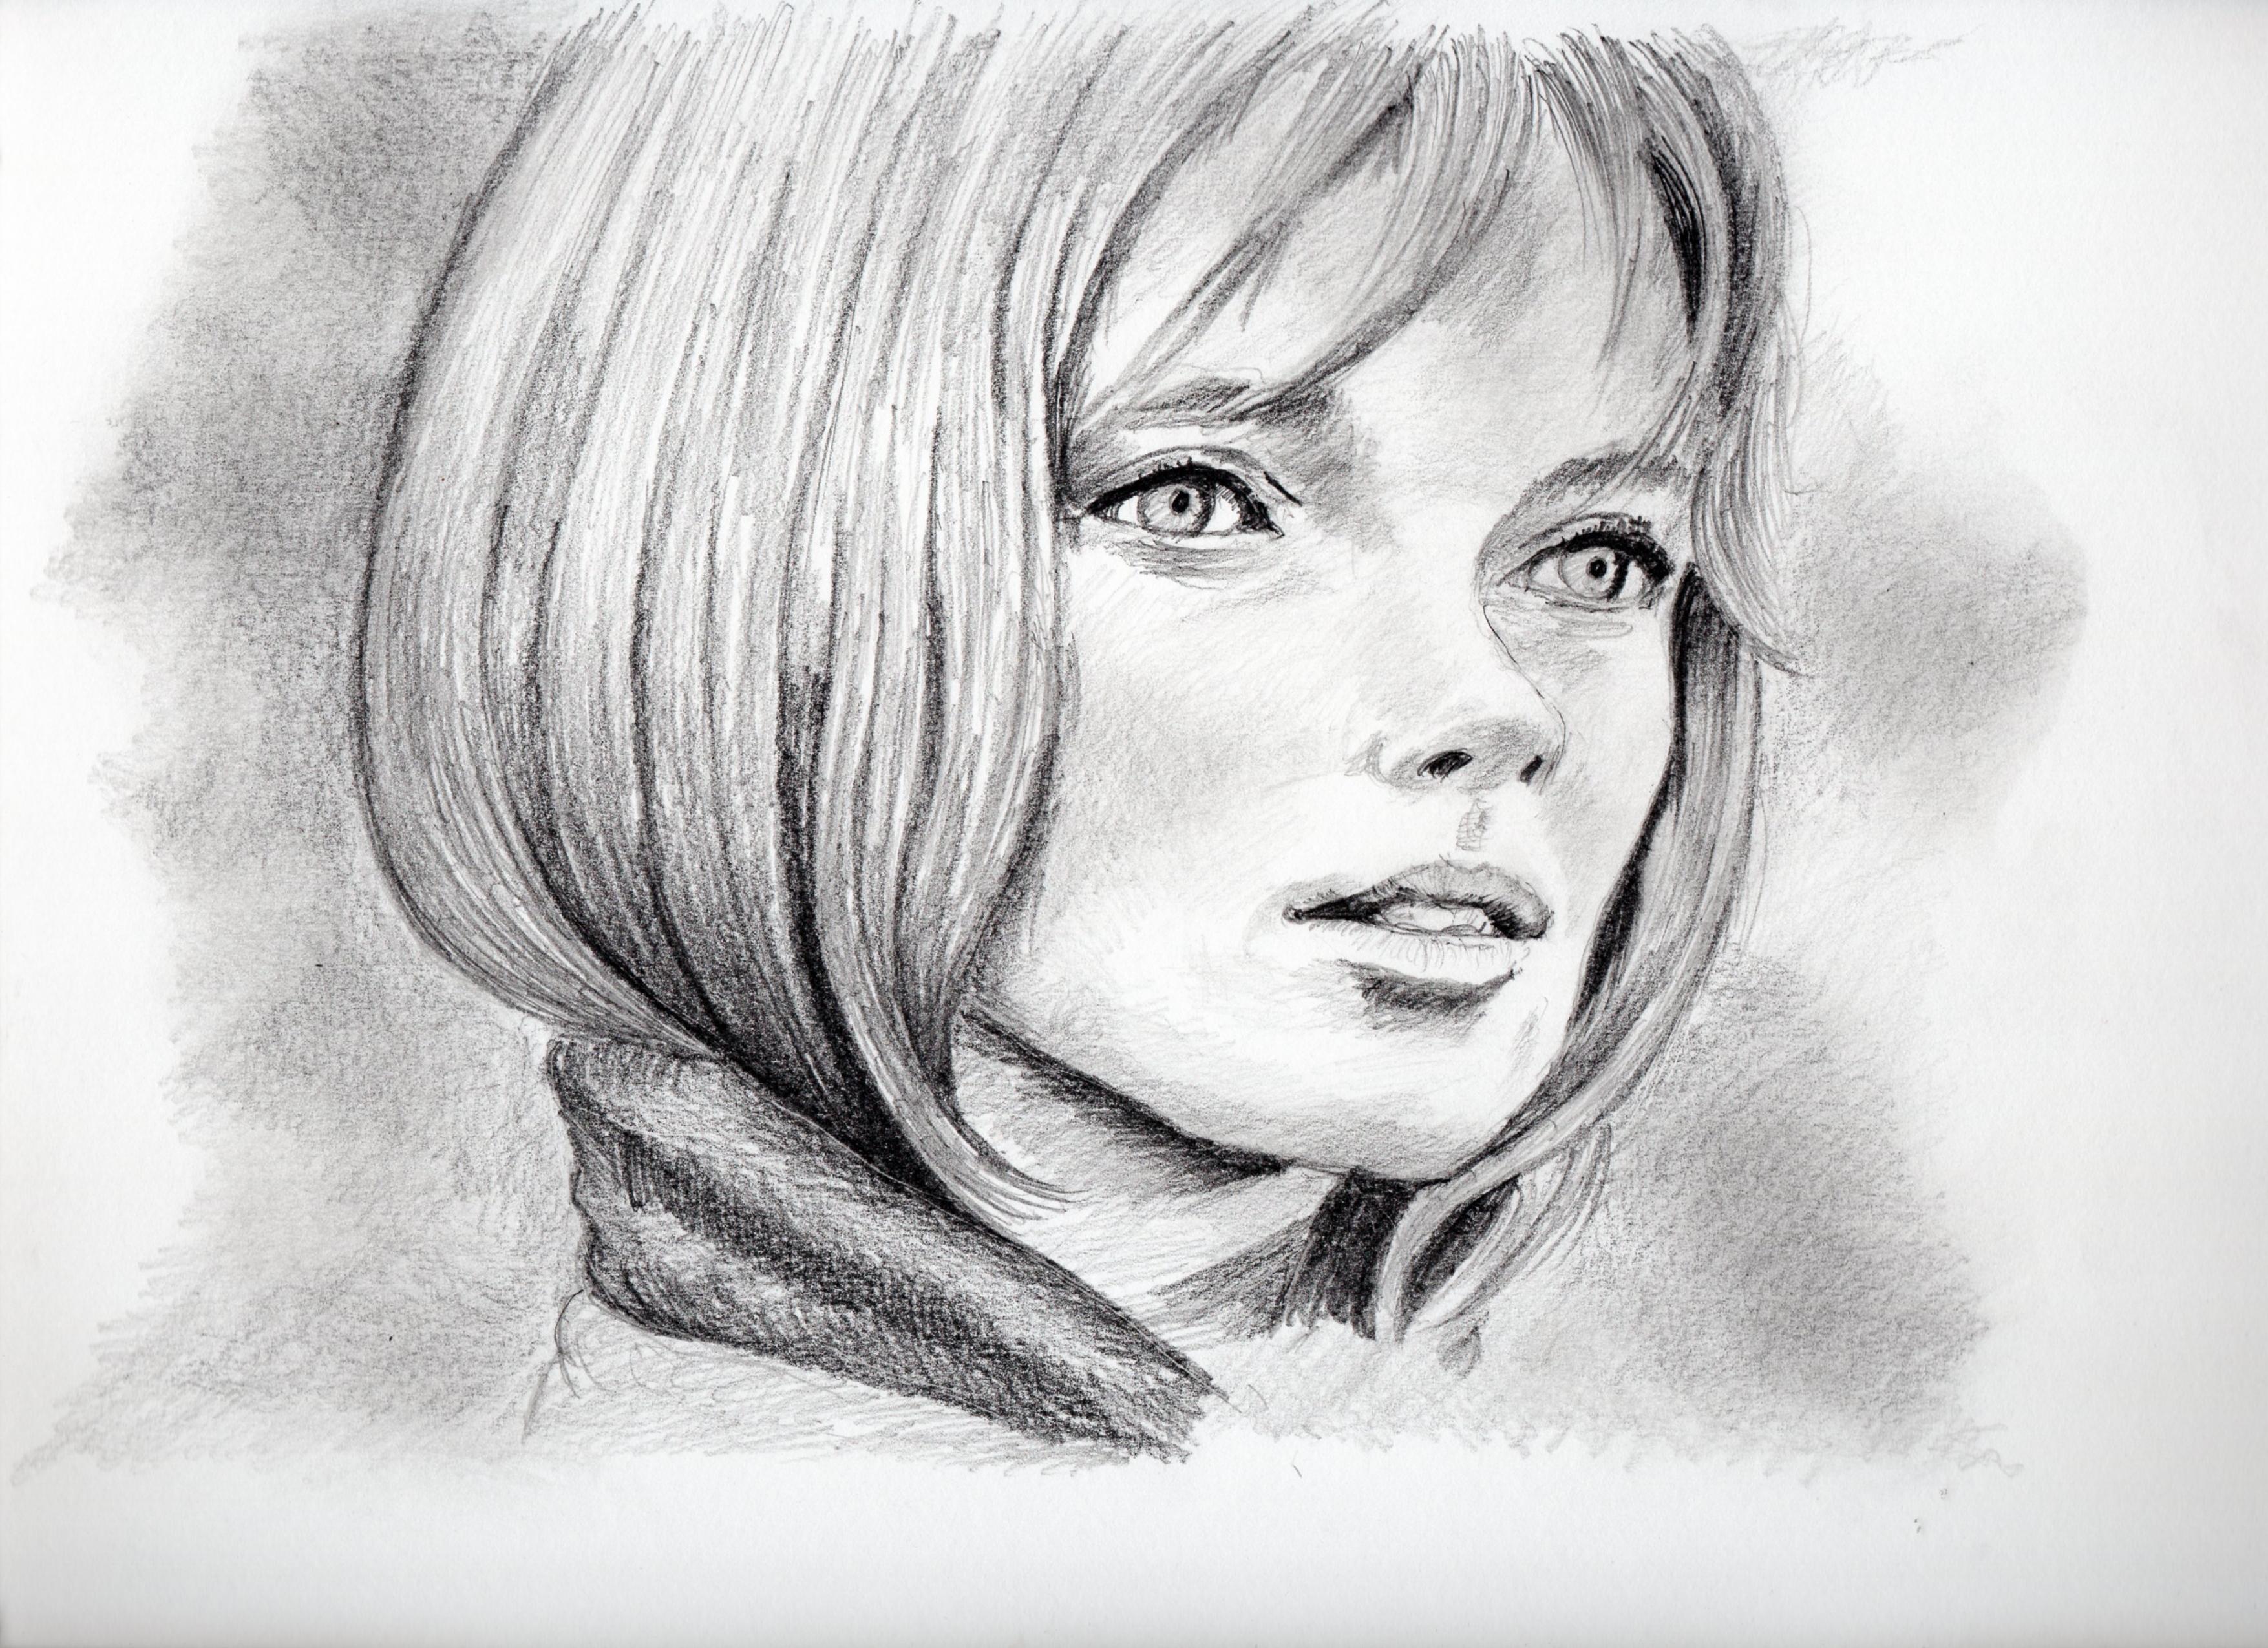 ジョアンナ・シムカスの鉛筆画似顔絵、ジョアンナ・シムカスの鉛筆画リアル似顔絵